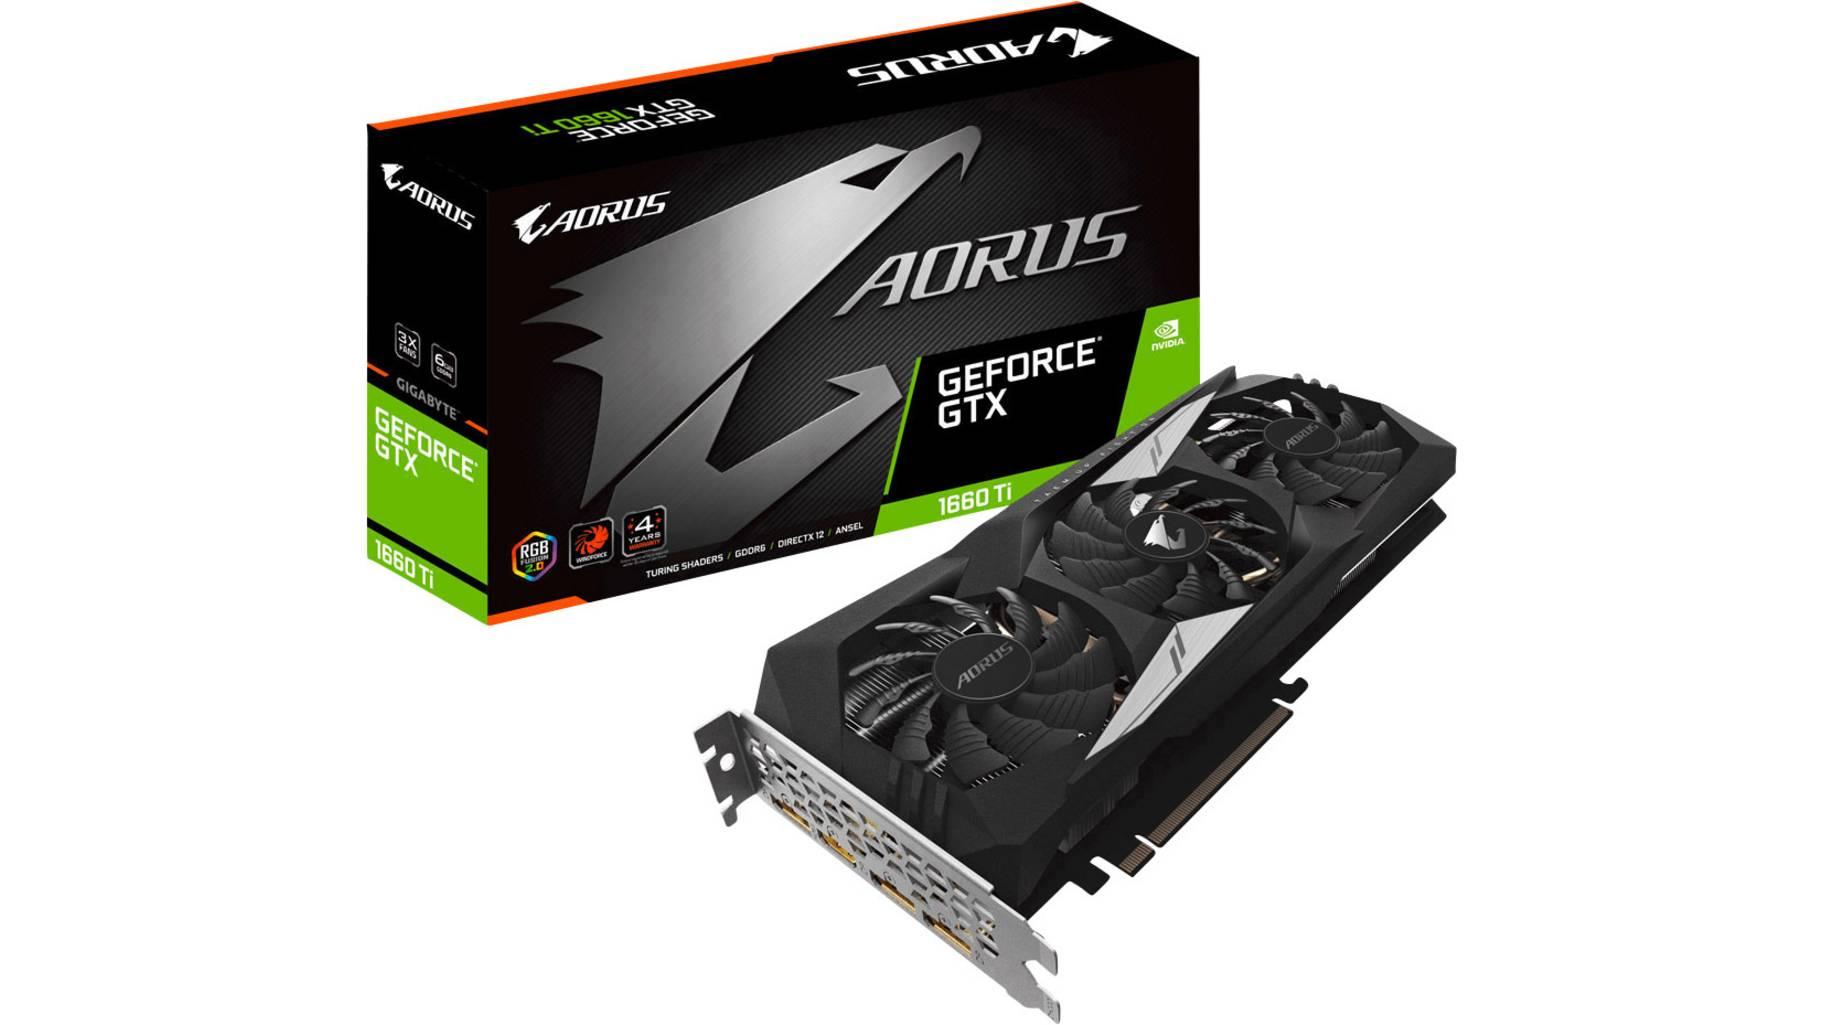 Gigabyte Aorus GeForce GTX 1660 Ti 6G 6GB GDDR6 (GV-N166TAORUS-6GD)